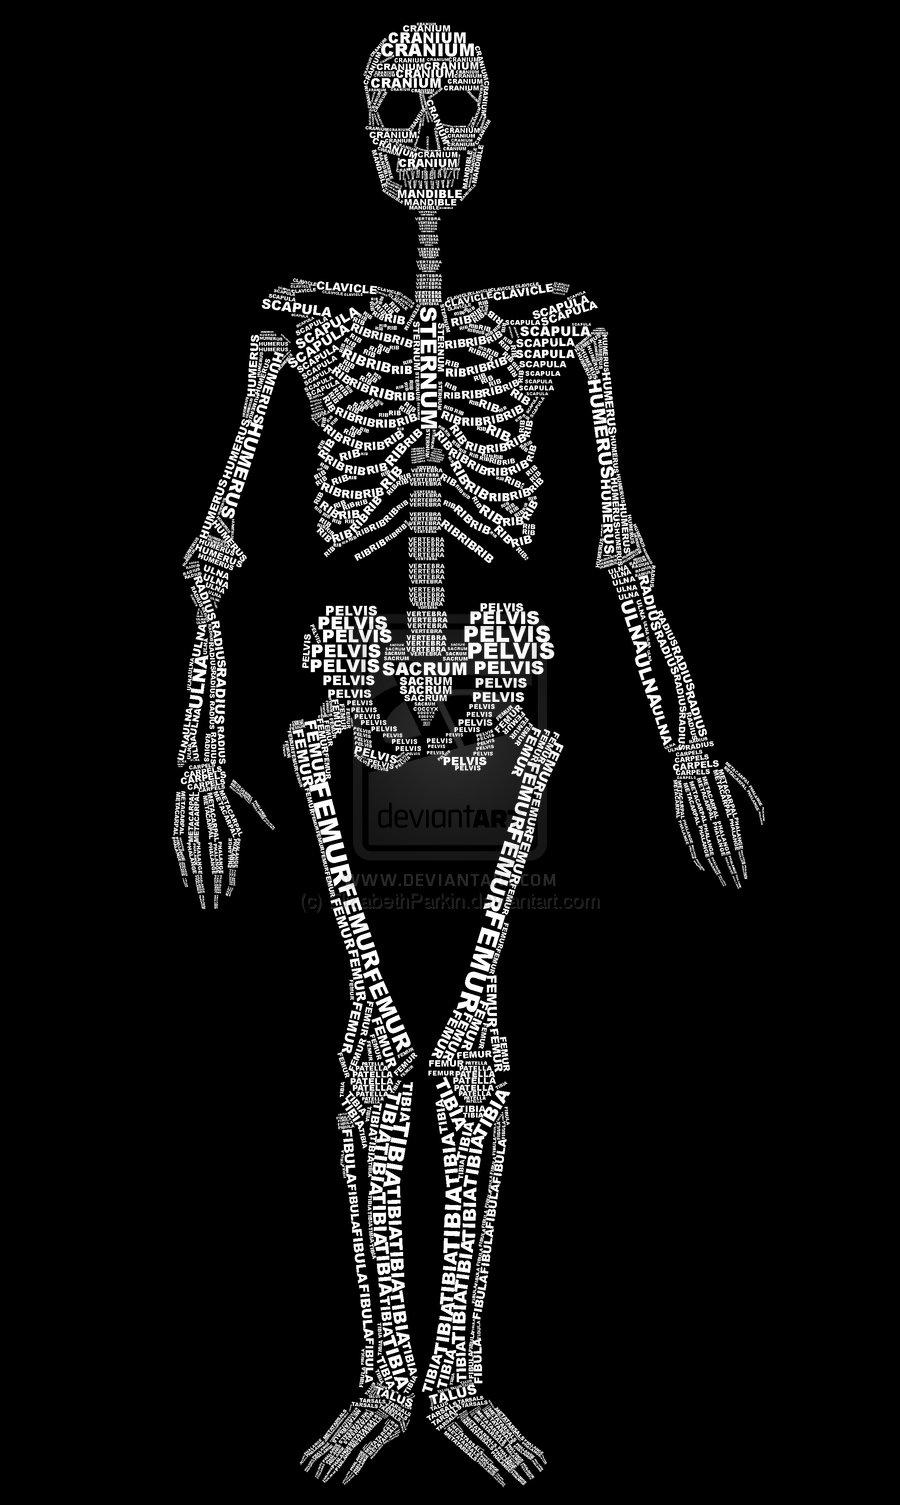 [typoskeleton]